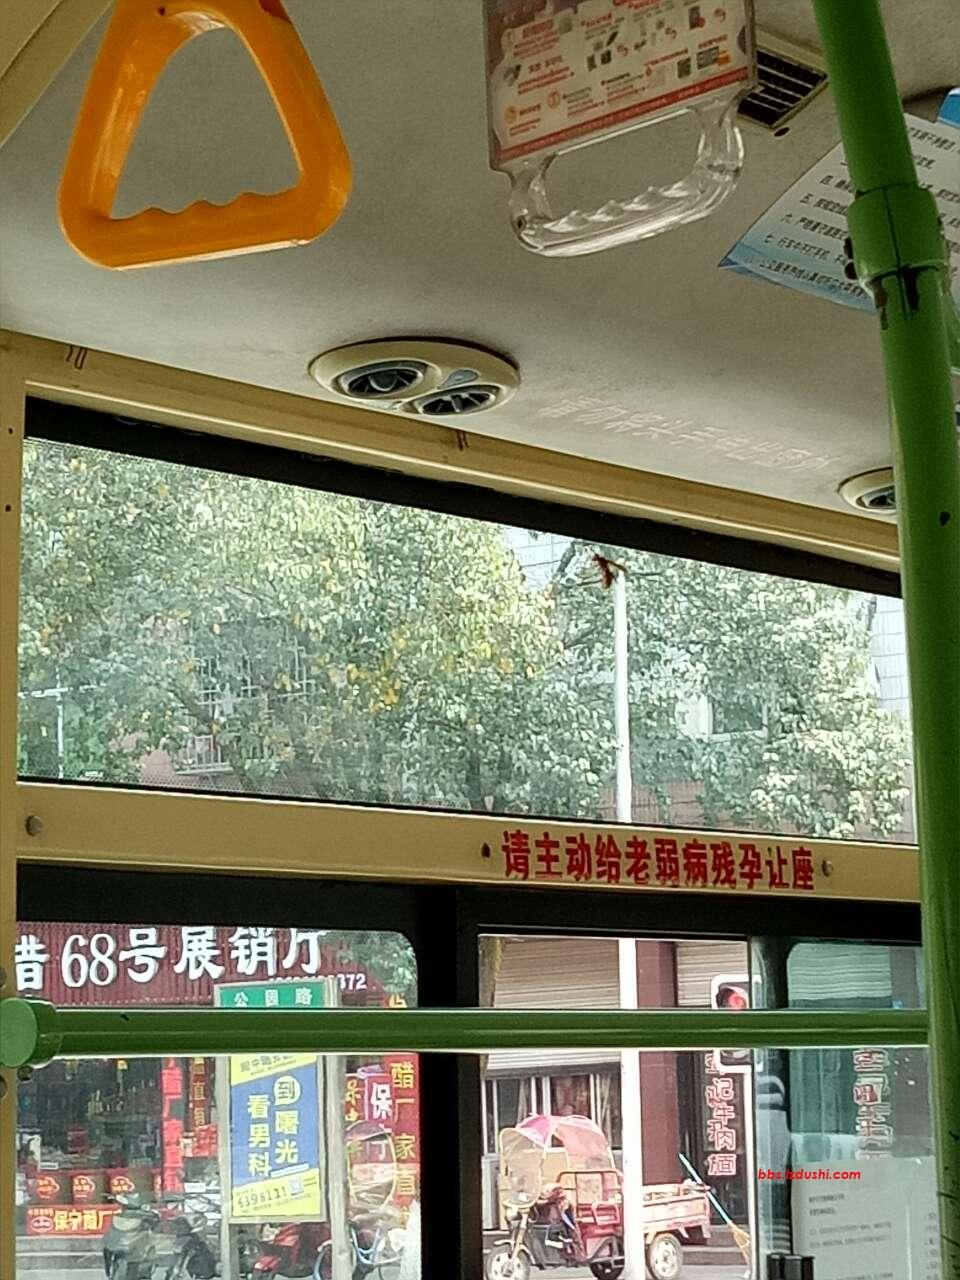 公交车内惊现蜂子